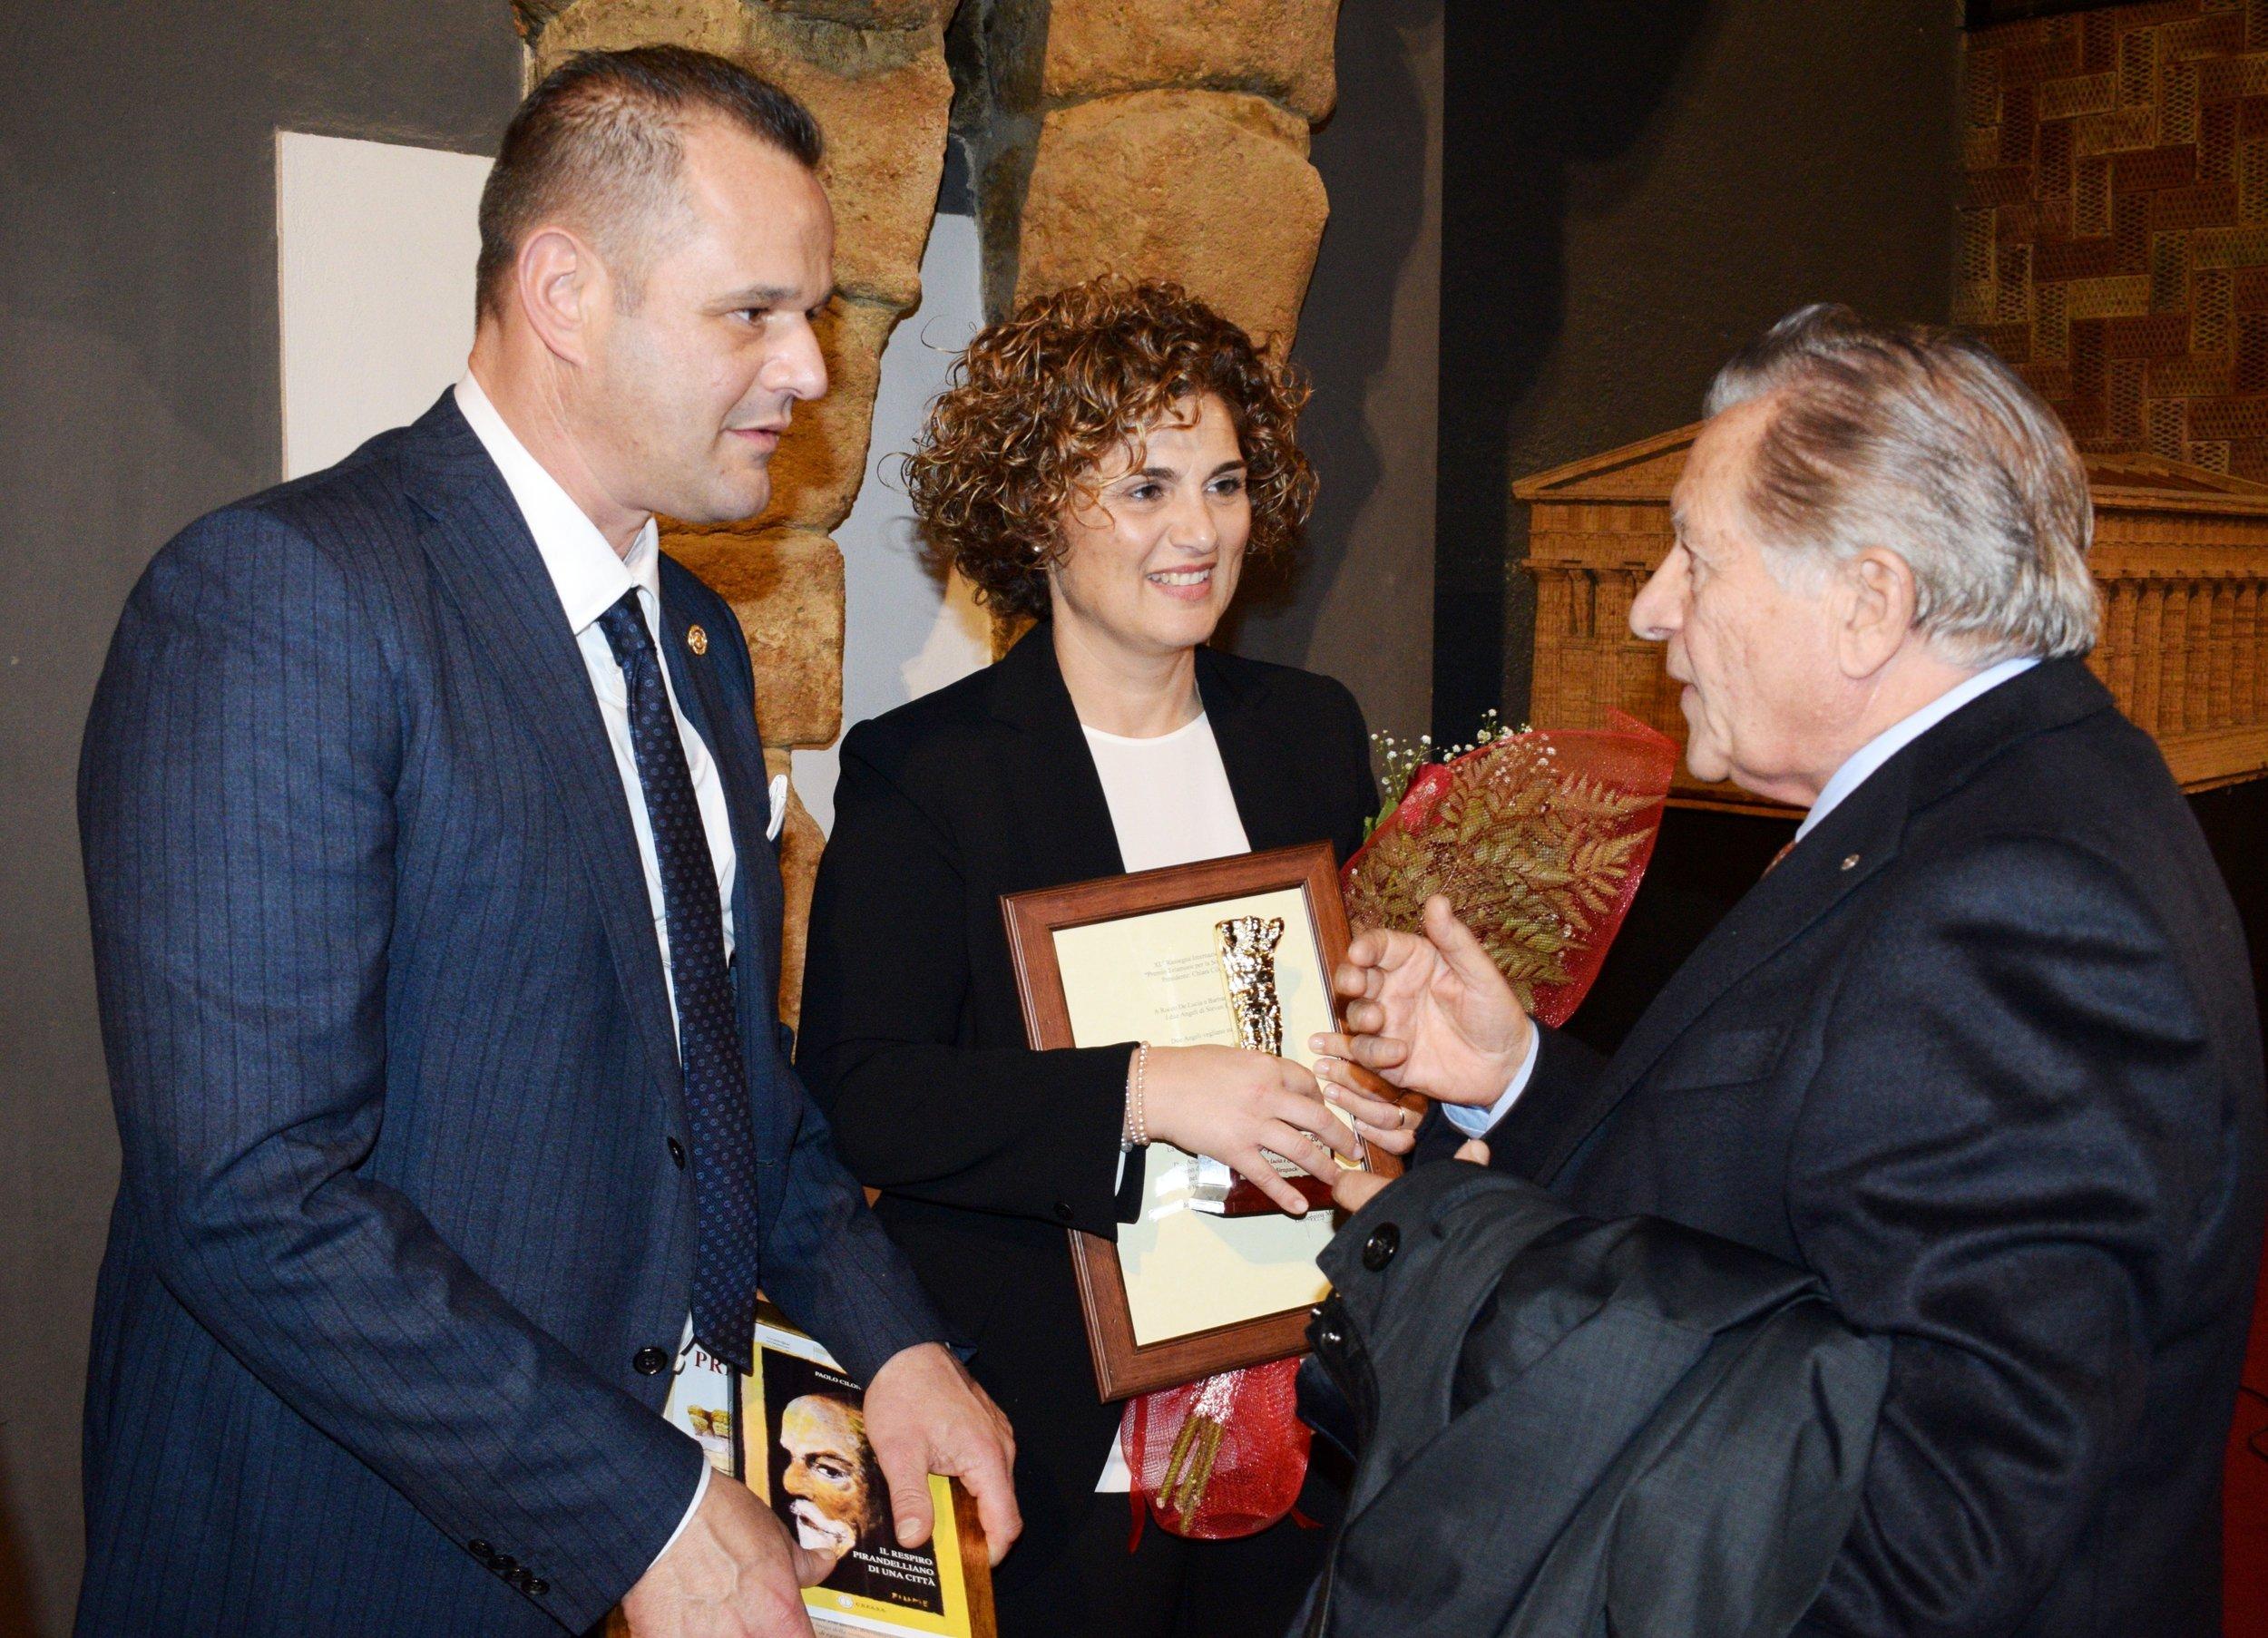 Rocco De Lucia e Barbara Burioli con il Dott. Giuseppe Messina, Presidente di Joeplast Srl, insignito del Premio Telamone nel 2006.